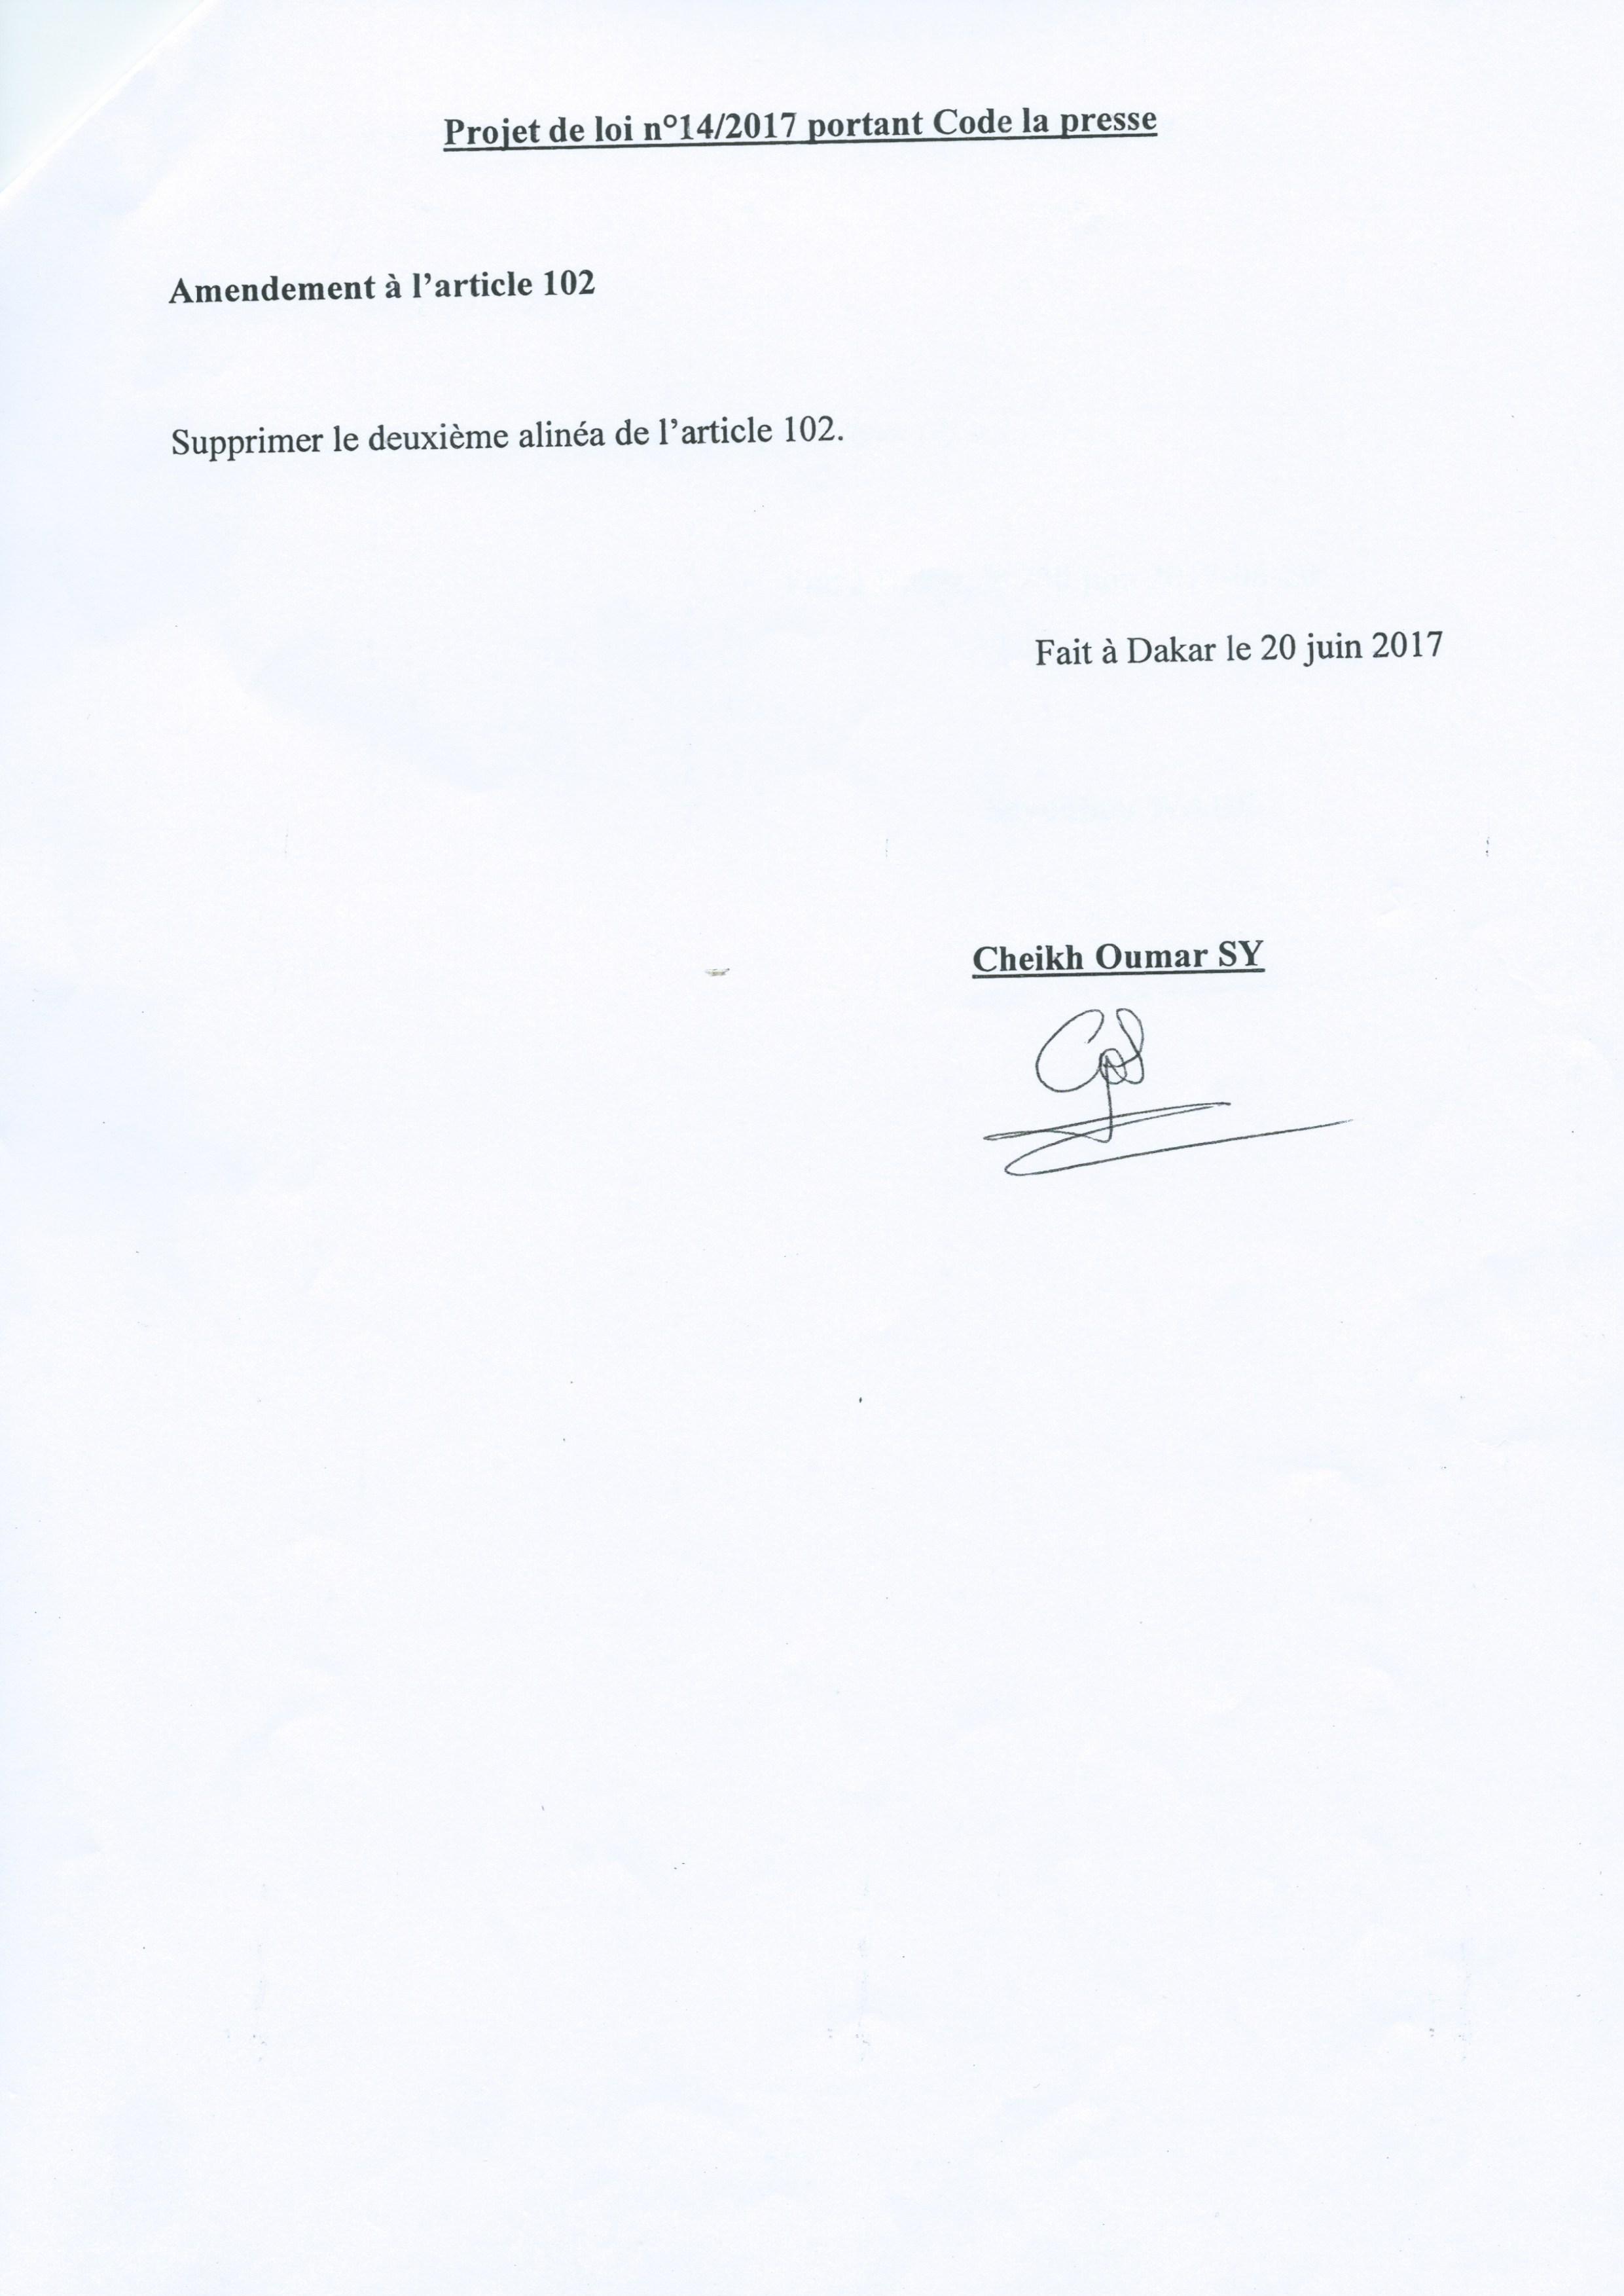 Code de la presse et les amendements: l'intégralité du texte Sénégalais